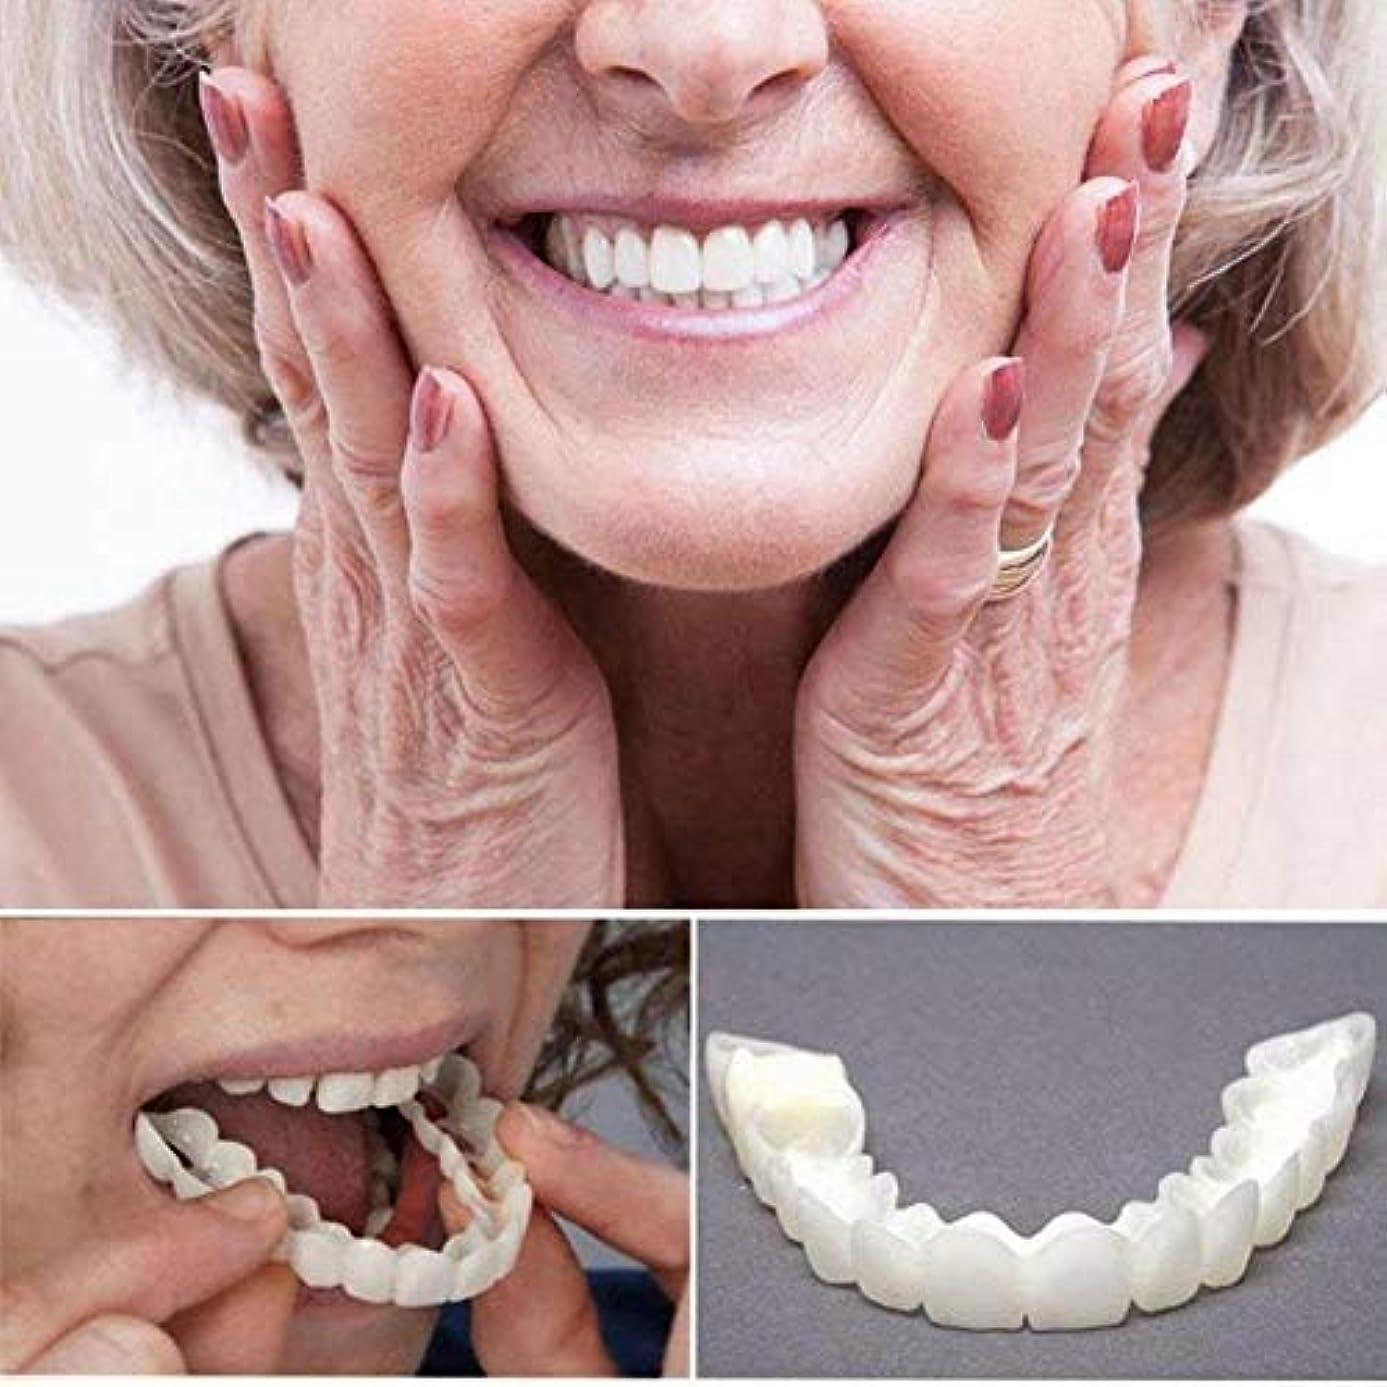 アトミックモナリザ暴力化粧品の歯、白い歯をきれいにするためのコンフォートフィットフレックスティースソケット、スーパーコンフォート、コンフォートフィット、1セット.